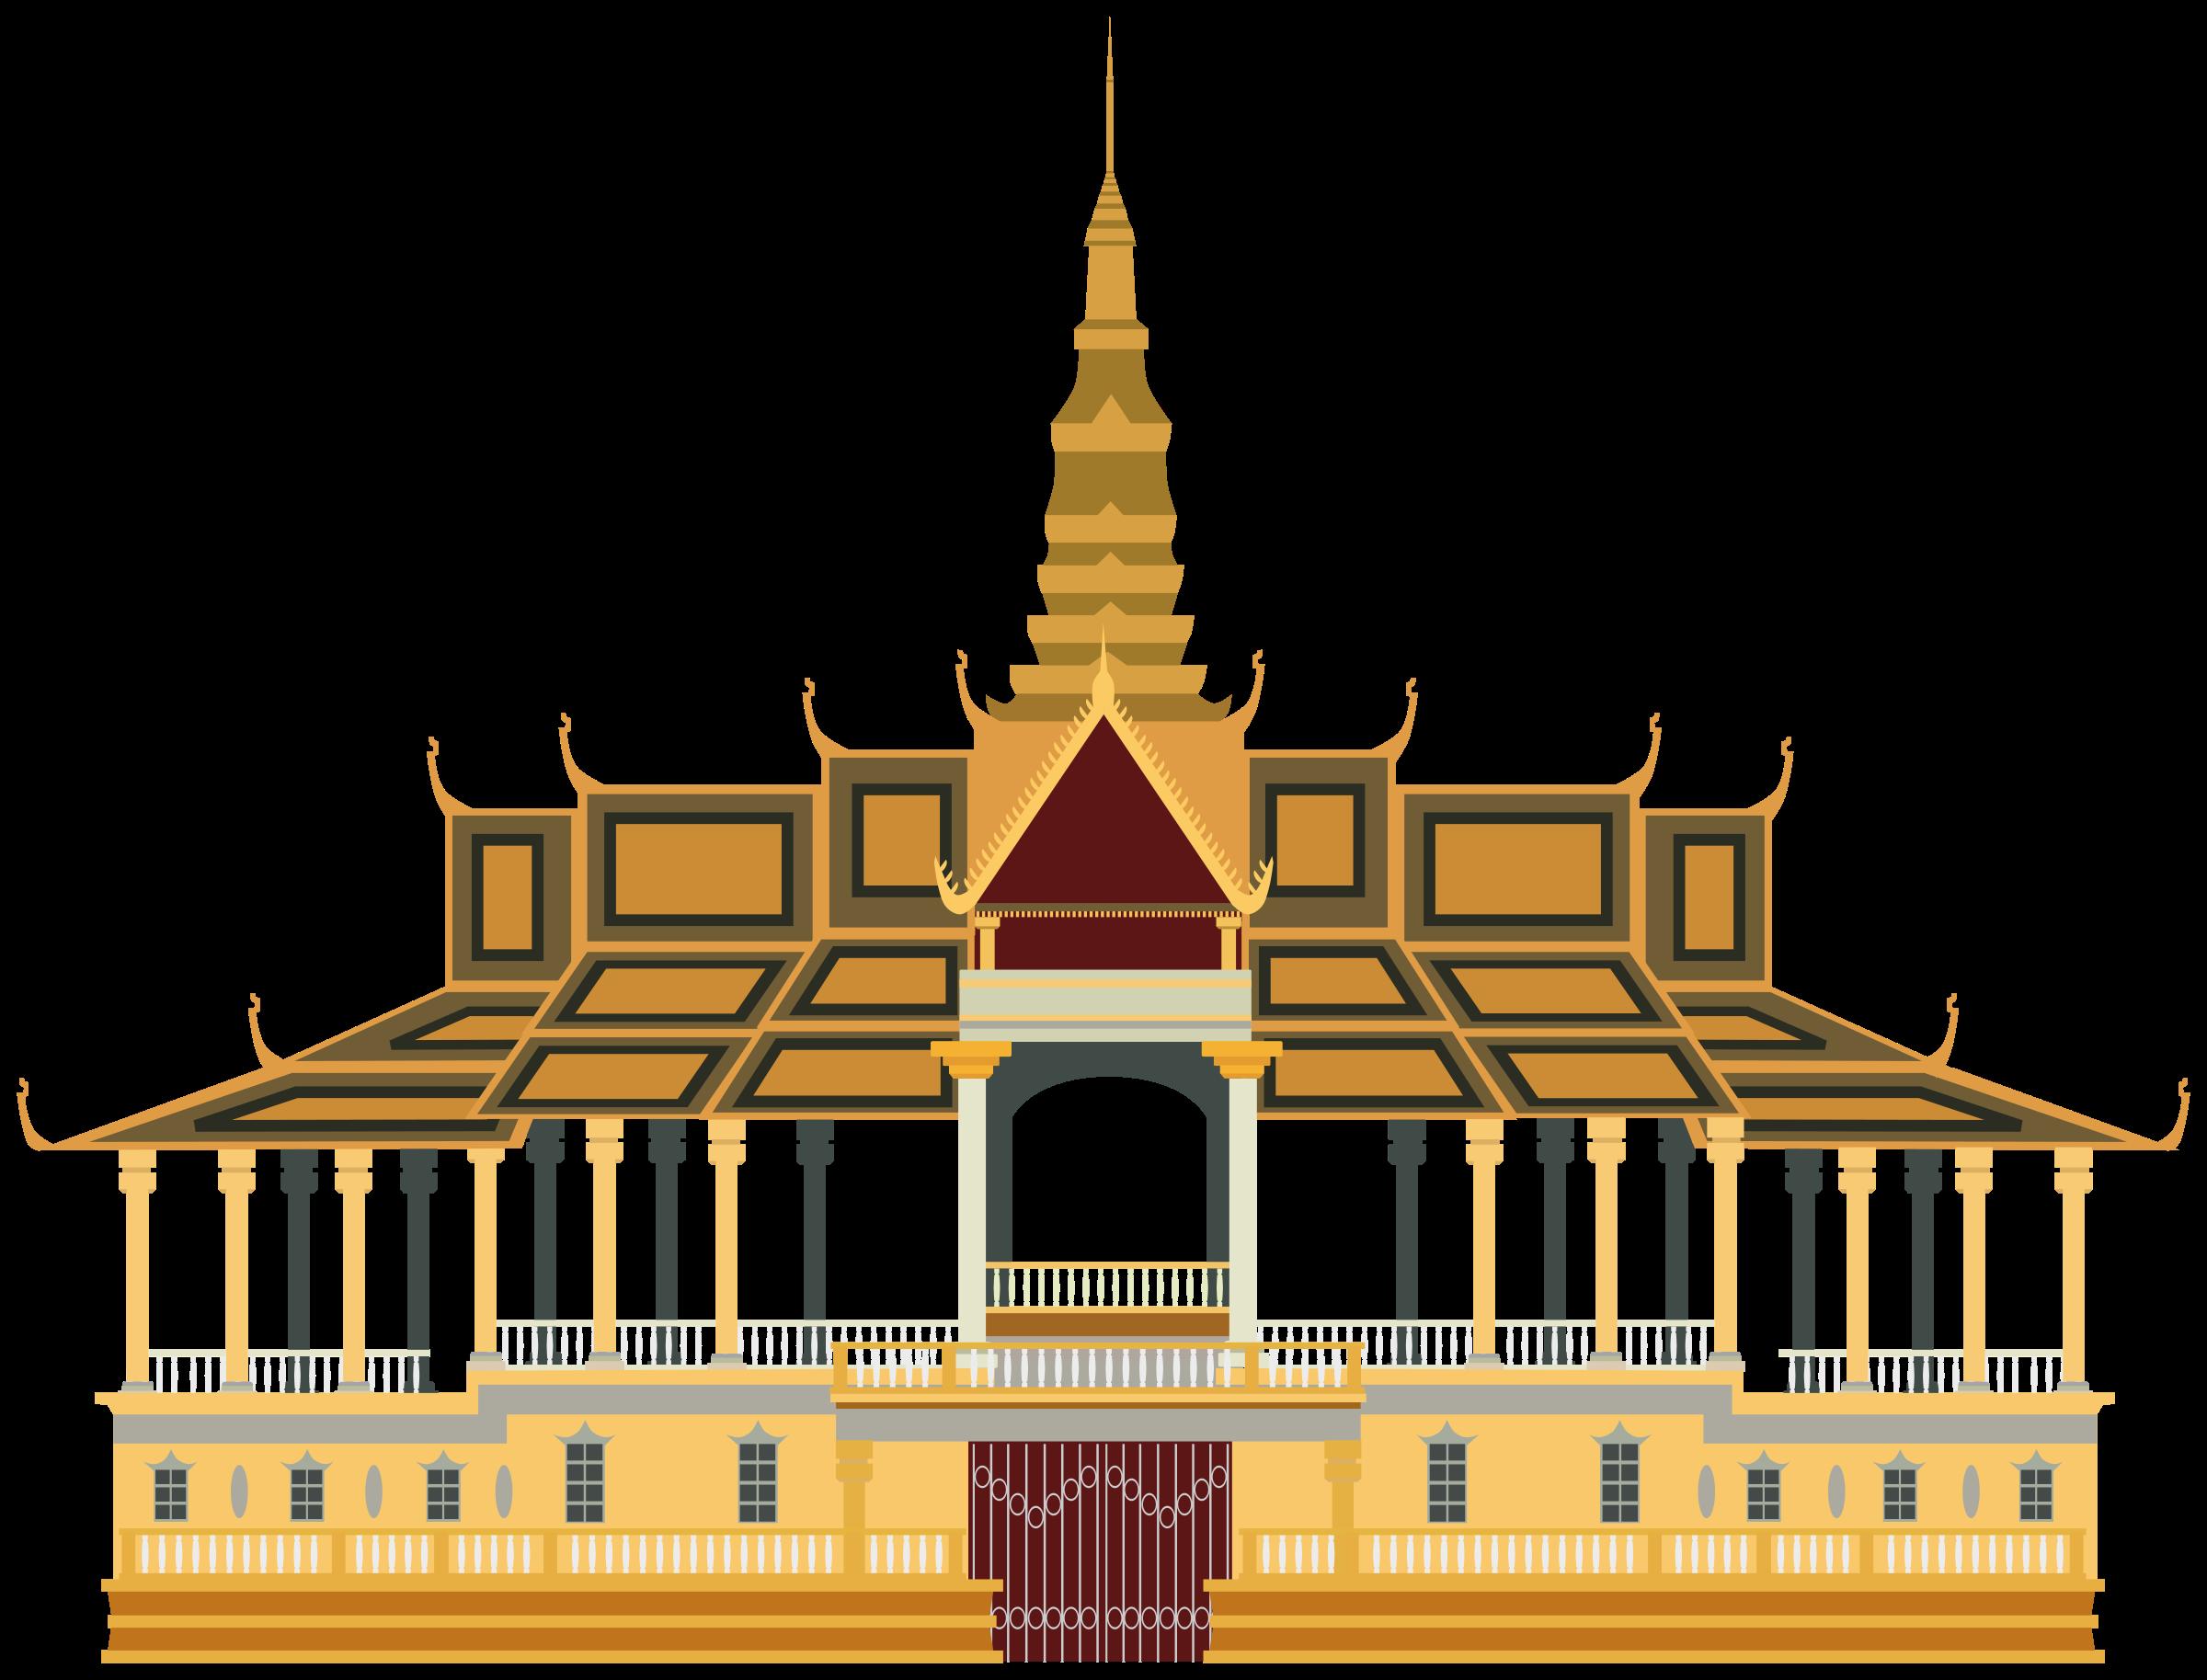 Palace clipart royal palace #5